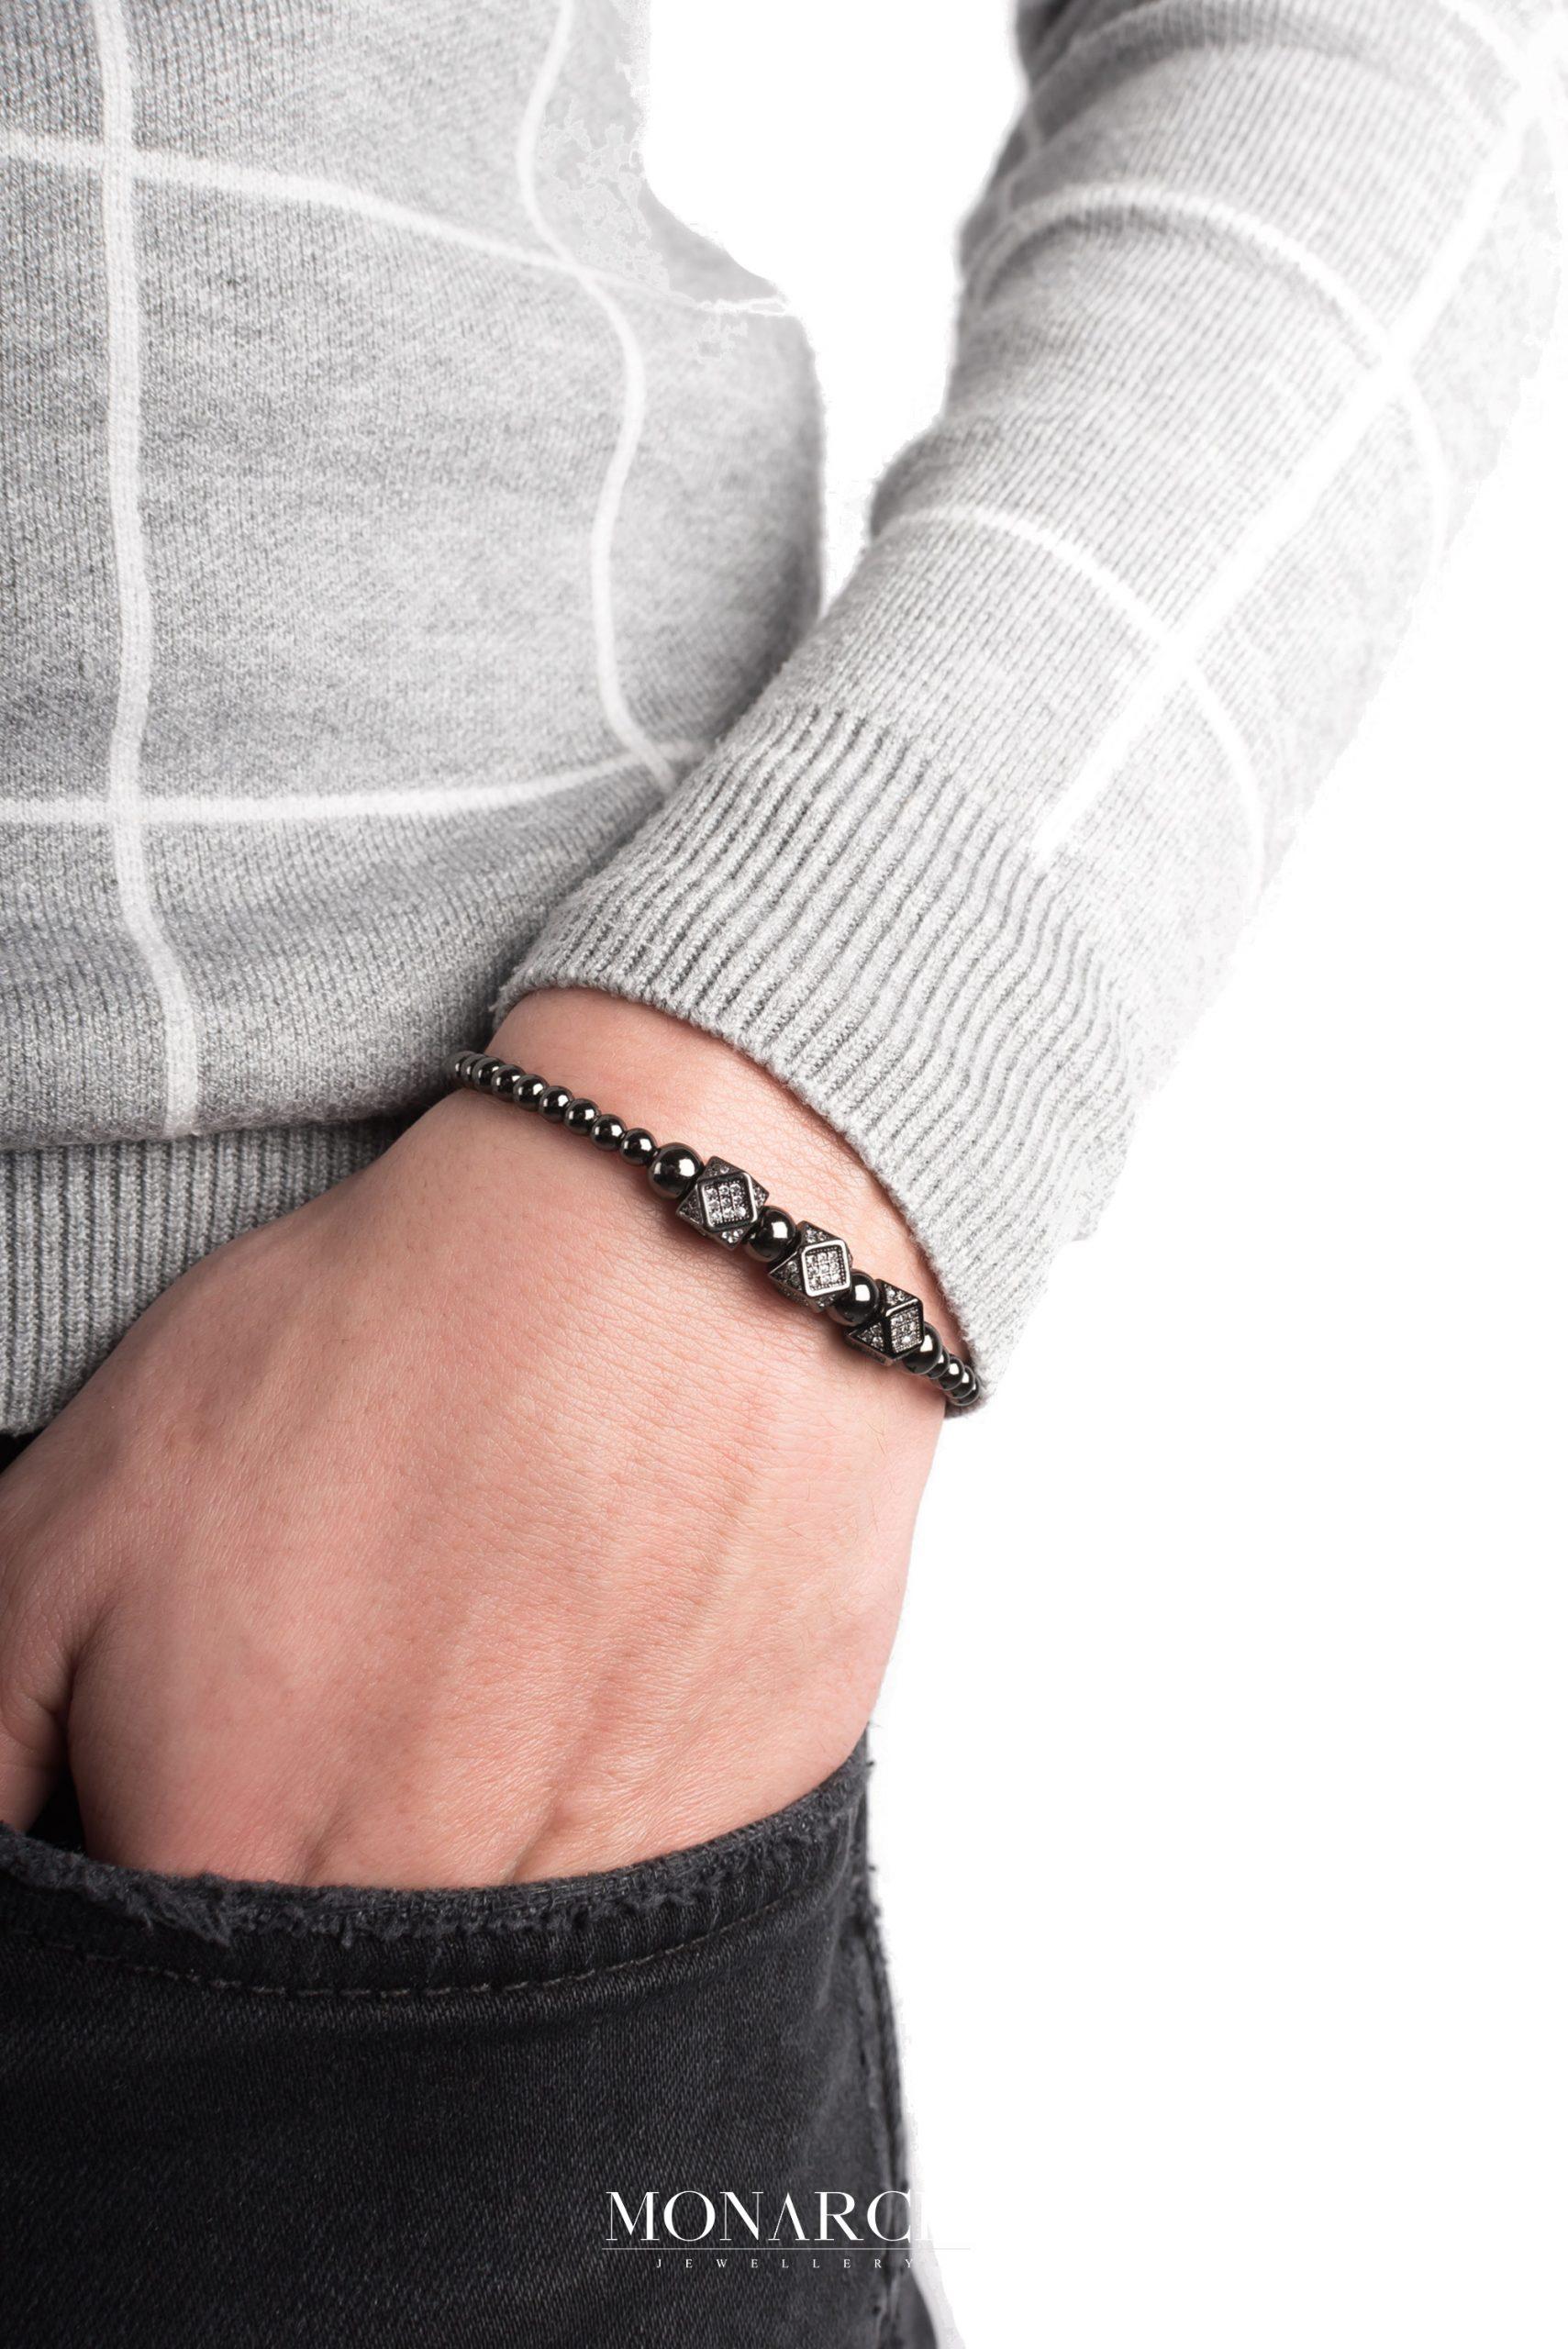 black luxury bracelet for man, monarch jewellery MA141NTH